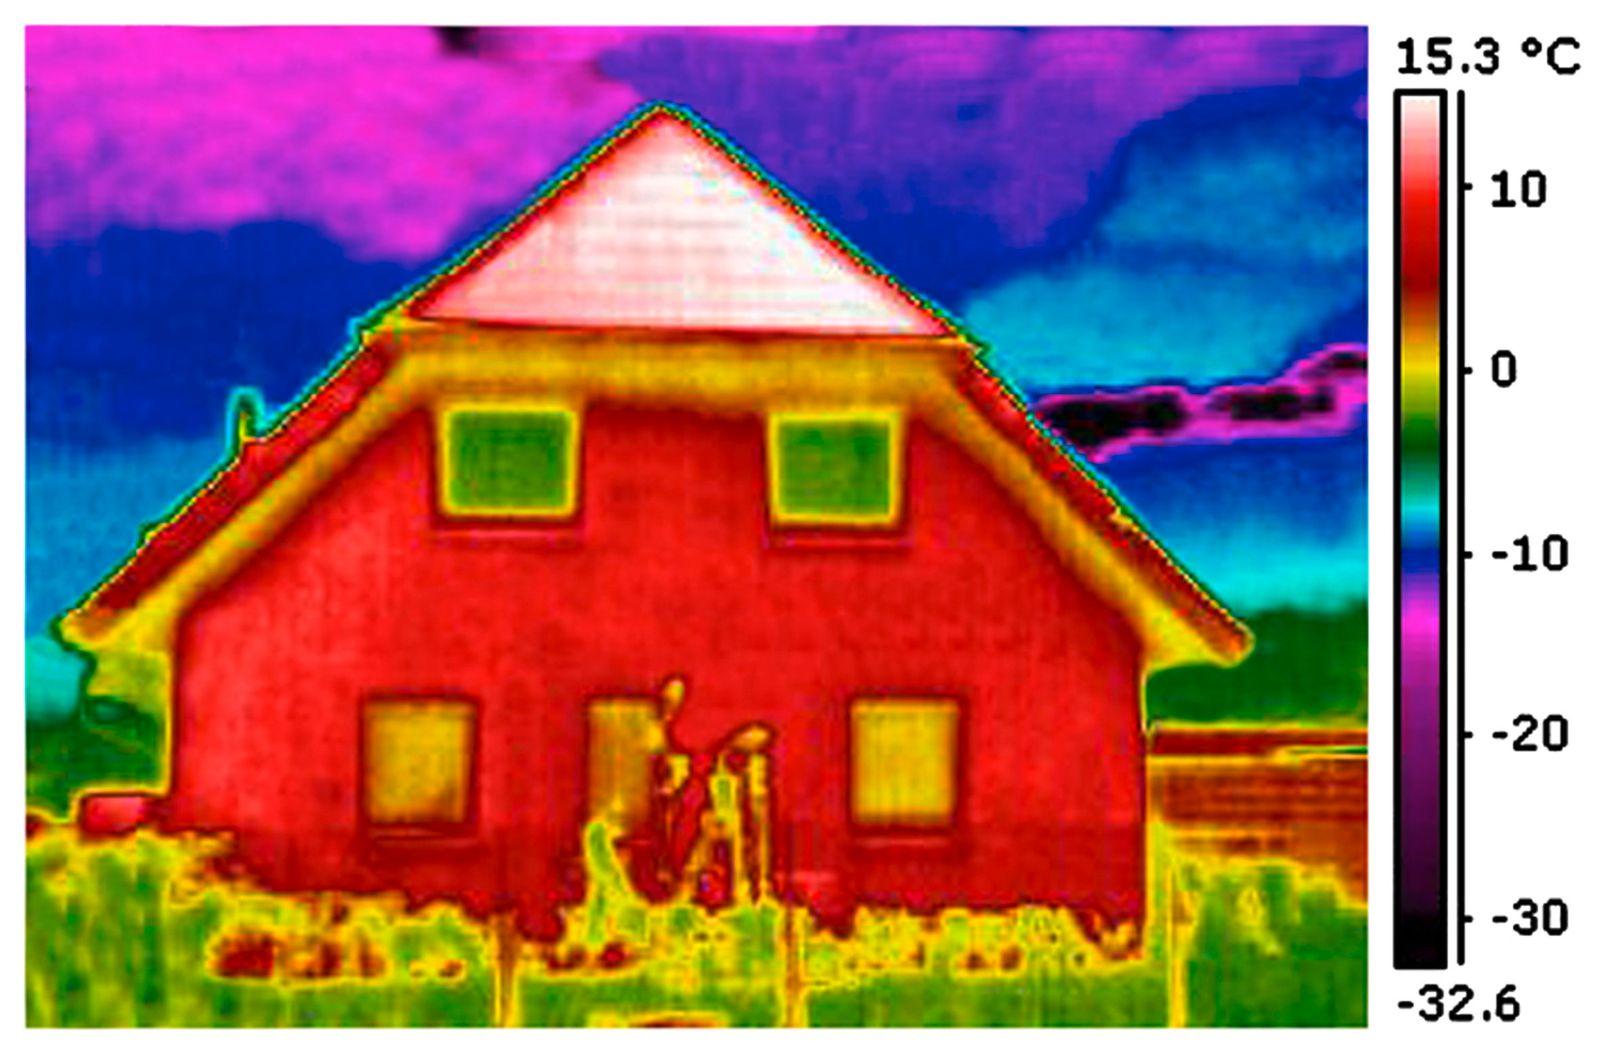 Gebäudesanierung / Wärmebild